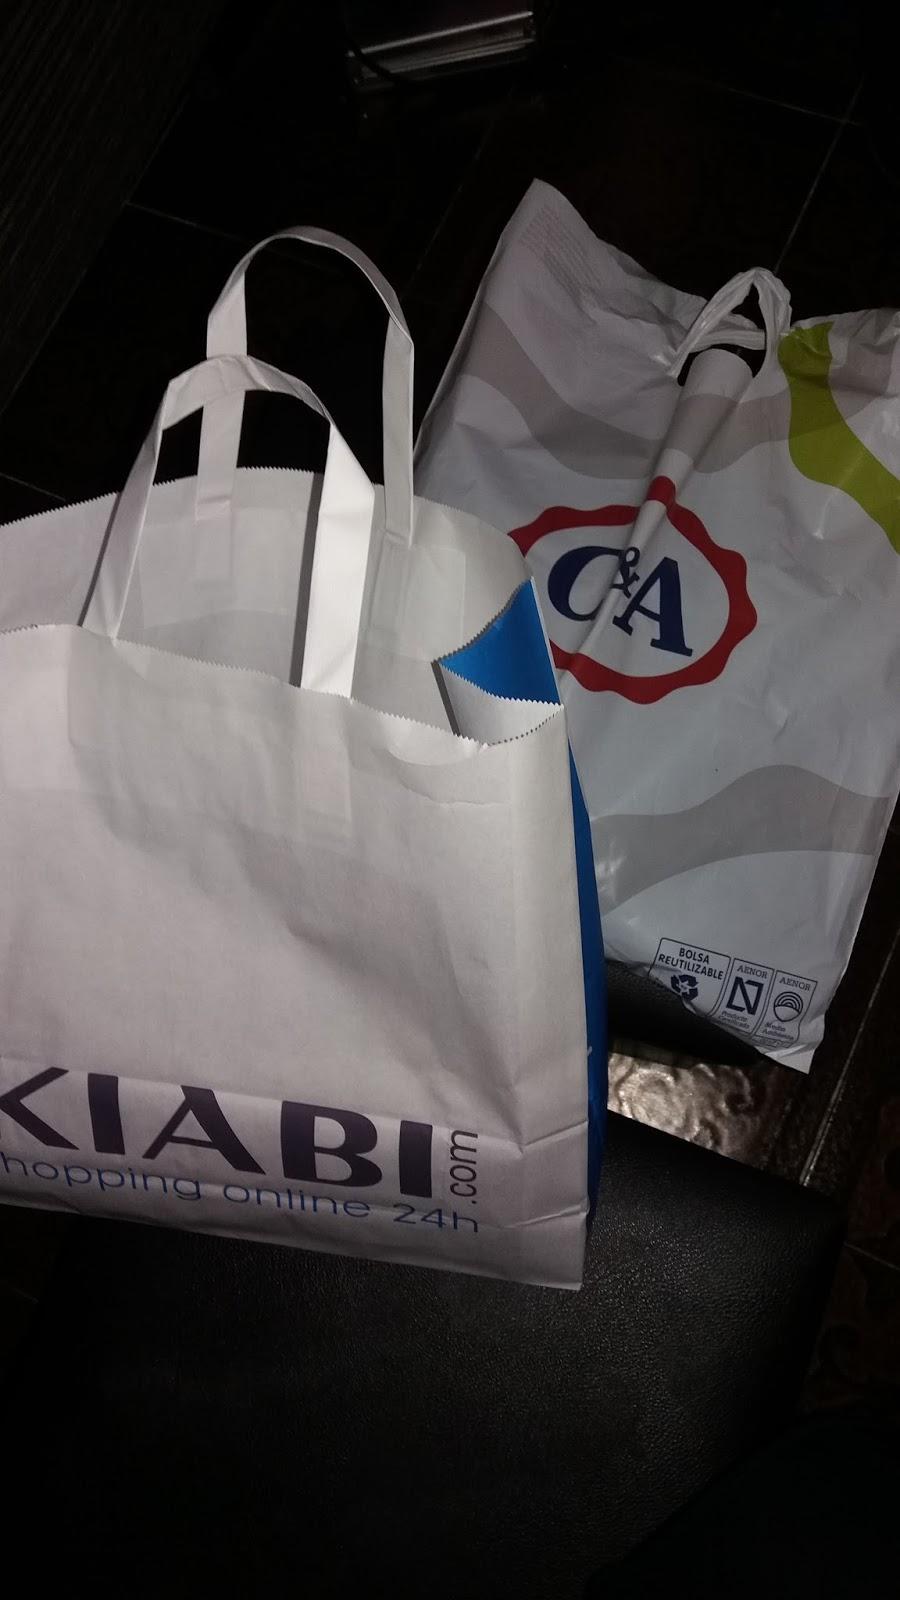 b9b2cab1f Empezamos por Kiabi, donde compramos unos jeans por 15€ después de mucho  buscar unos que no fueran skinny. ¡Que manía con hacer todos los jeans de  hombre ...